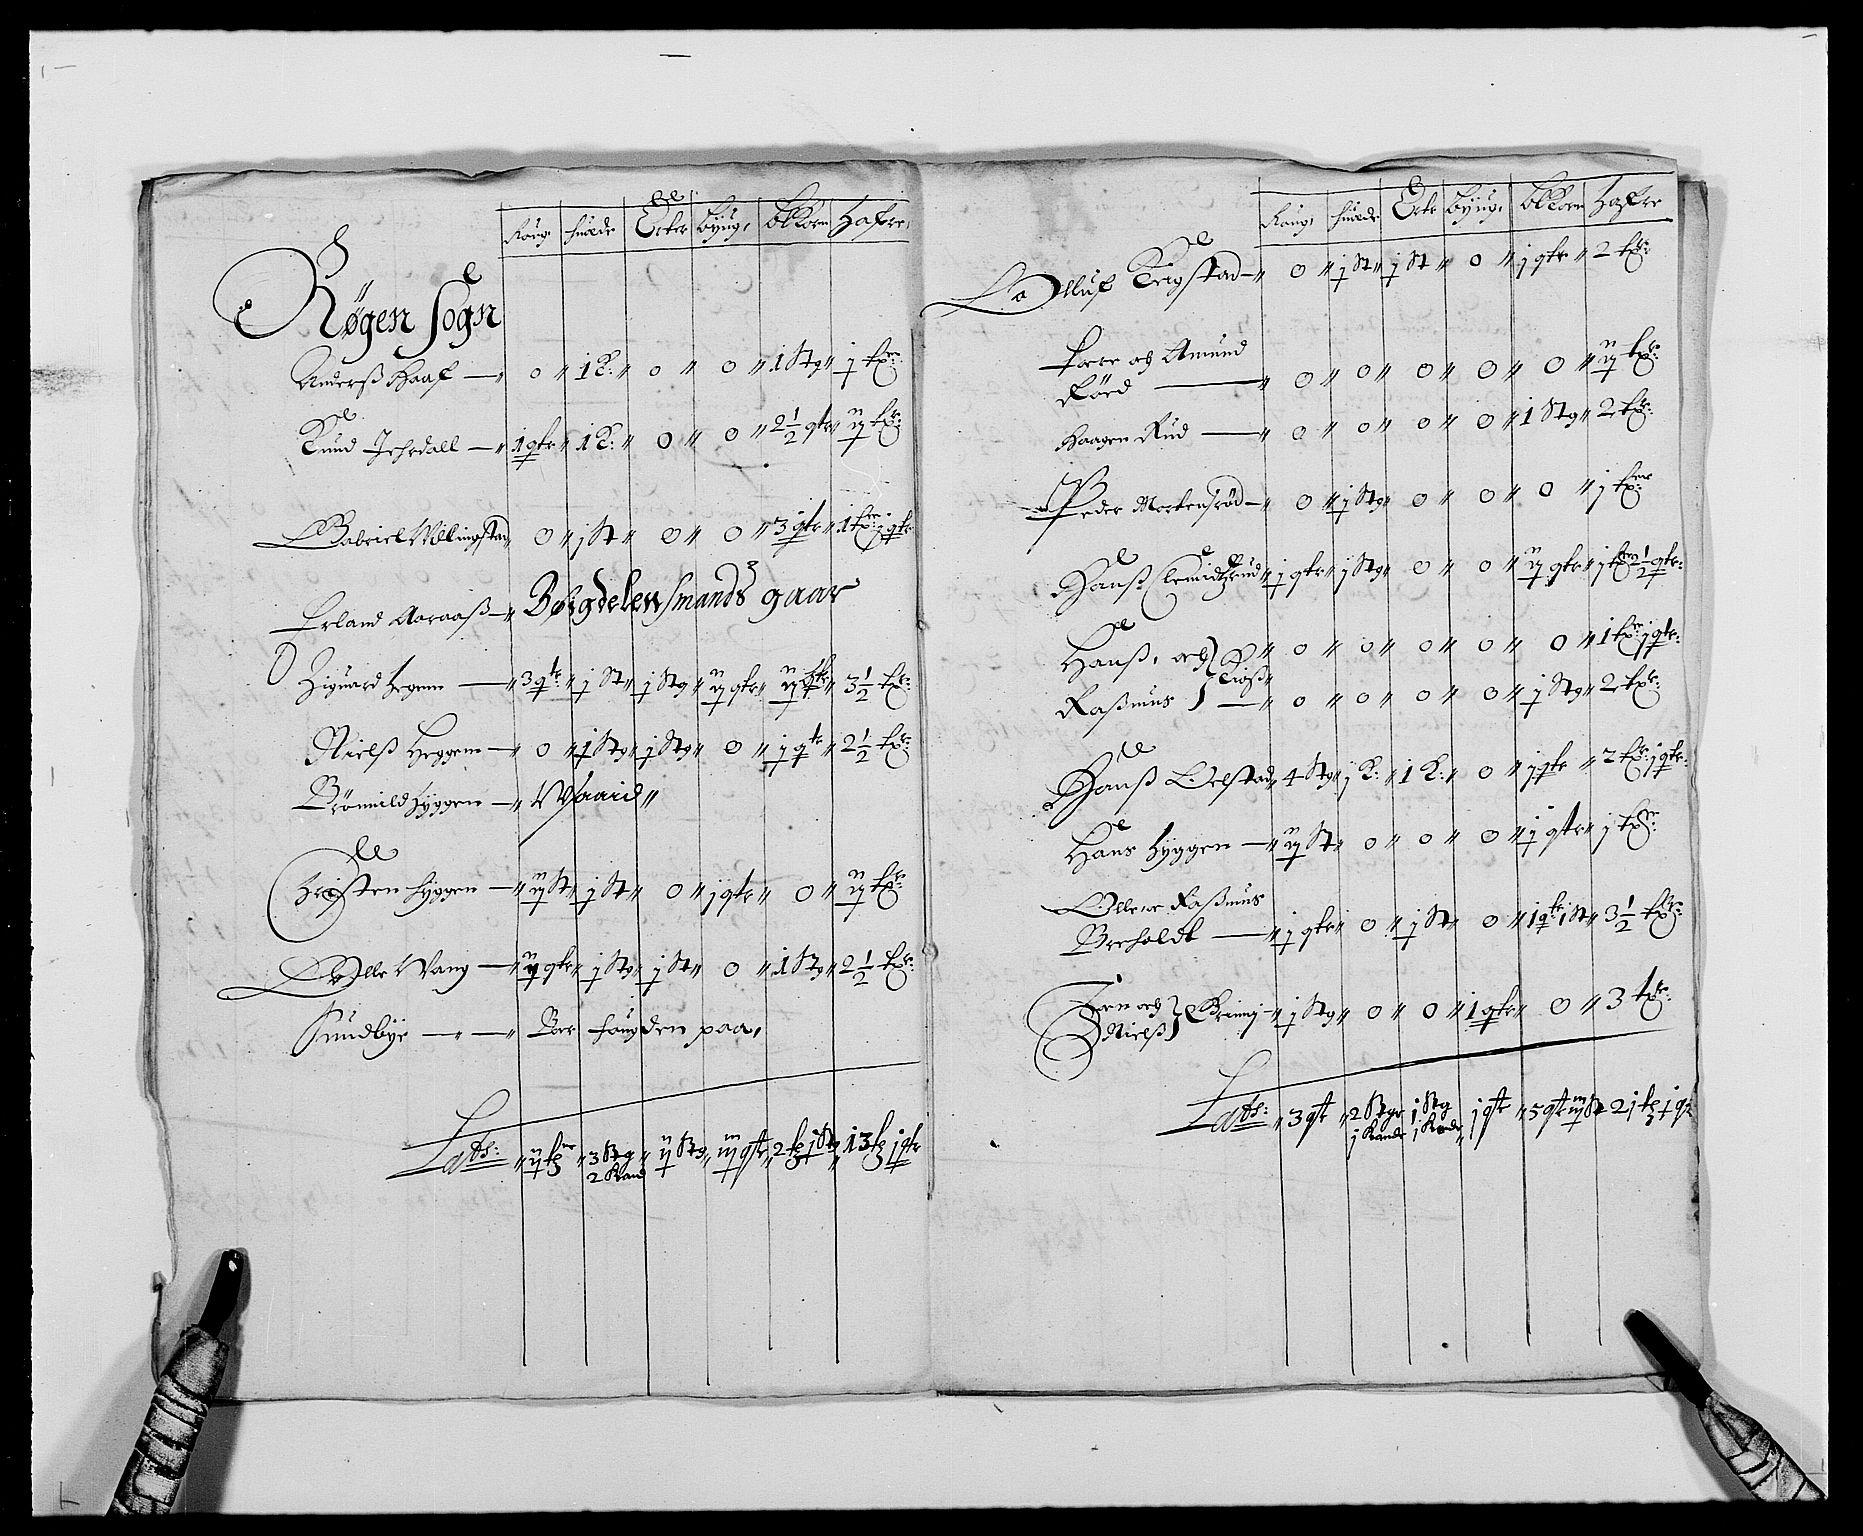 RA, Rentekammeret inntil 1814, Reviderte regnskaper, Fogderegnskap, R29/L1691: Fogderegnskap Hurum og Røyken, 1678-1681, s. 63